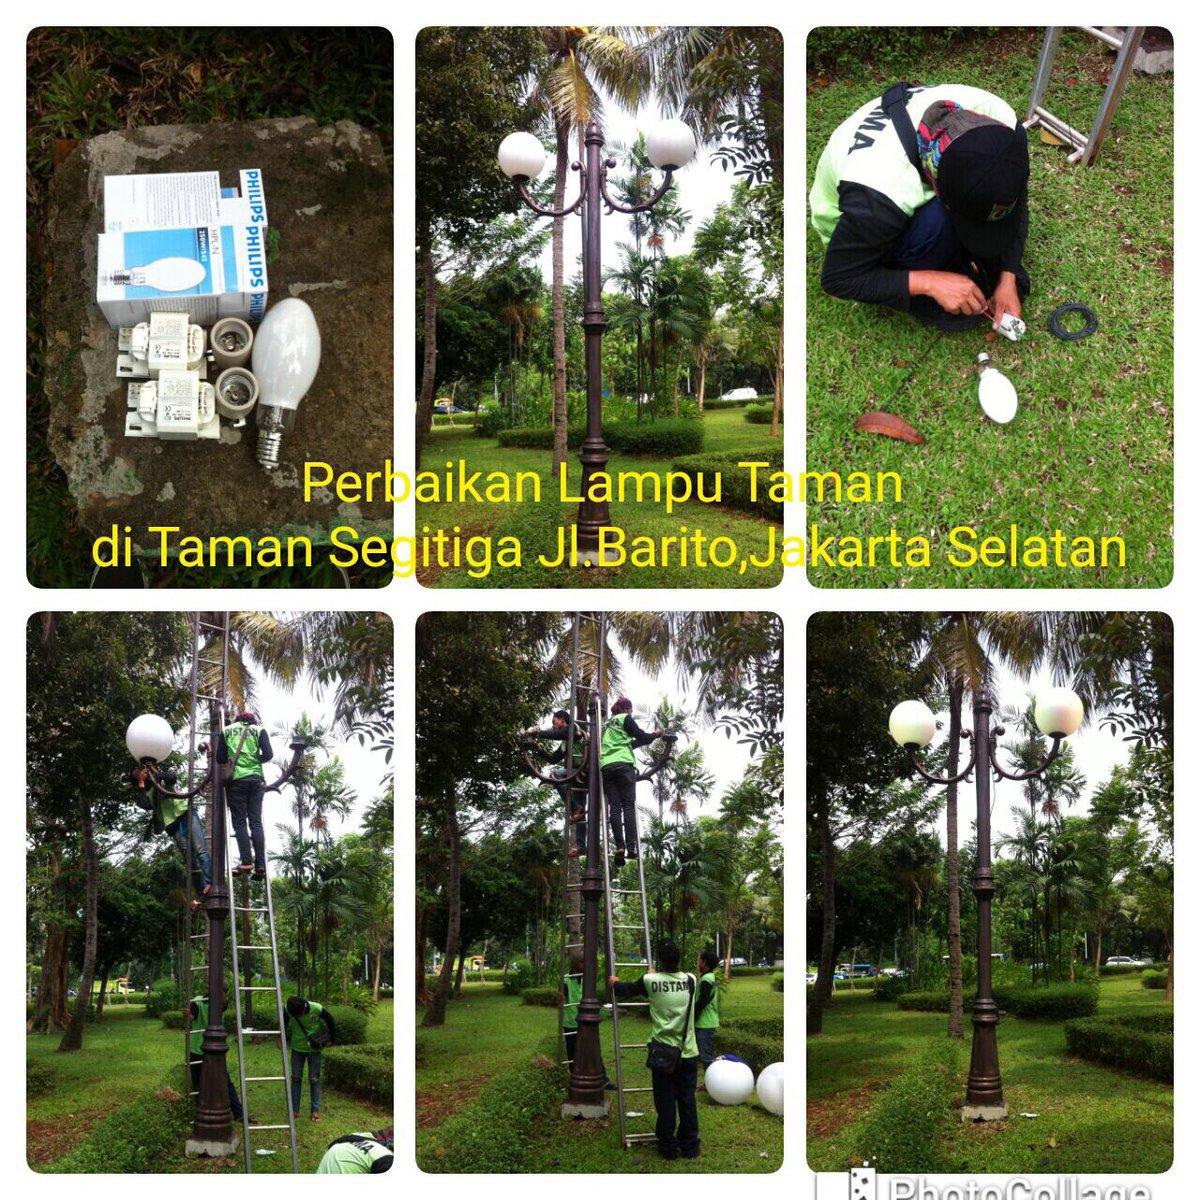 Dinaskehutanandki على تويتر Petugas Instalasi Dishut Lakukan Perbaikan Lampu Taman Taman Segitiga Jl Barito Jaksel Redqjunk